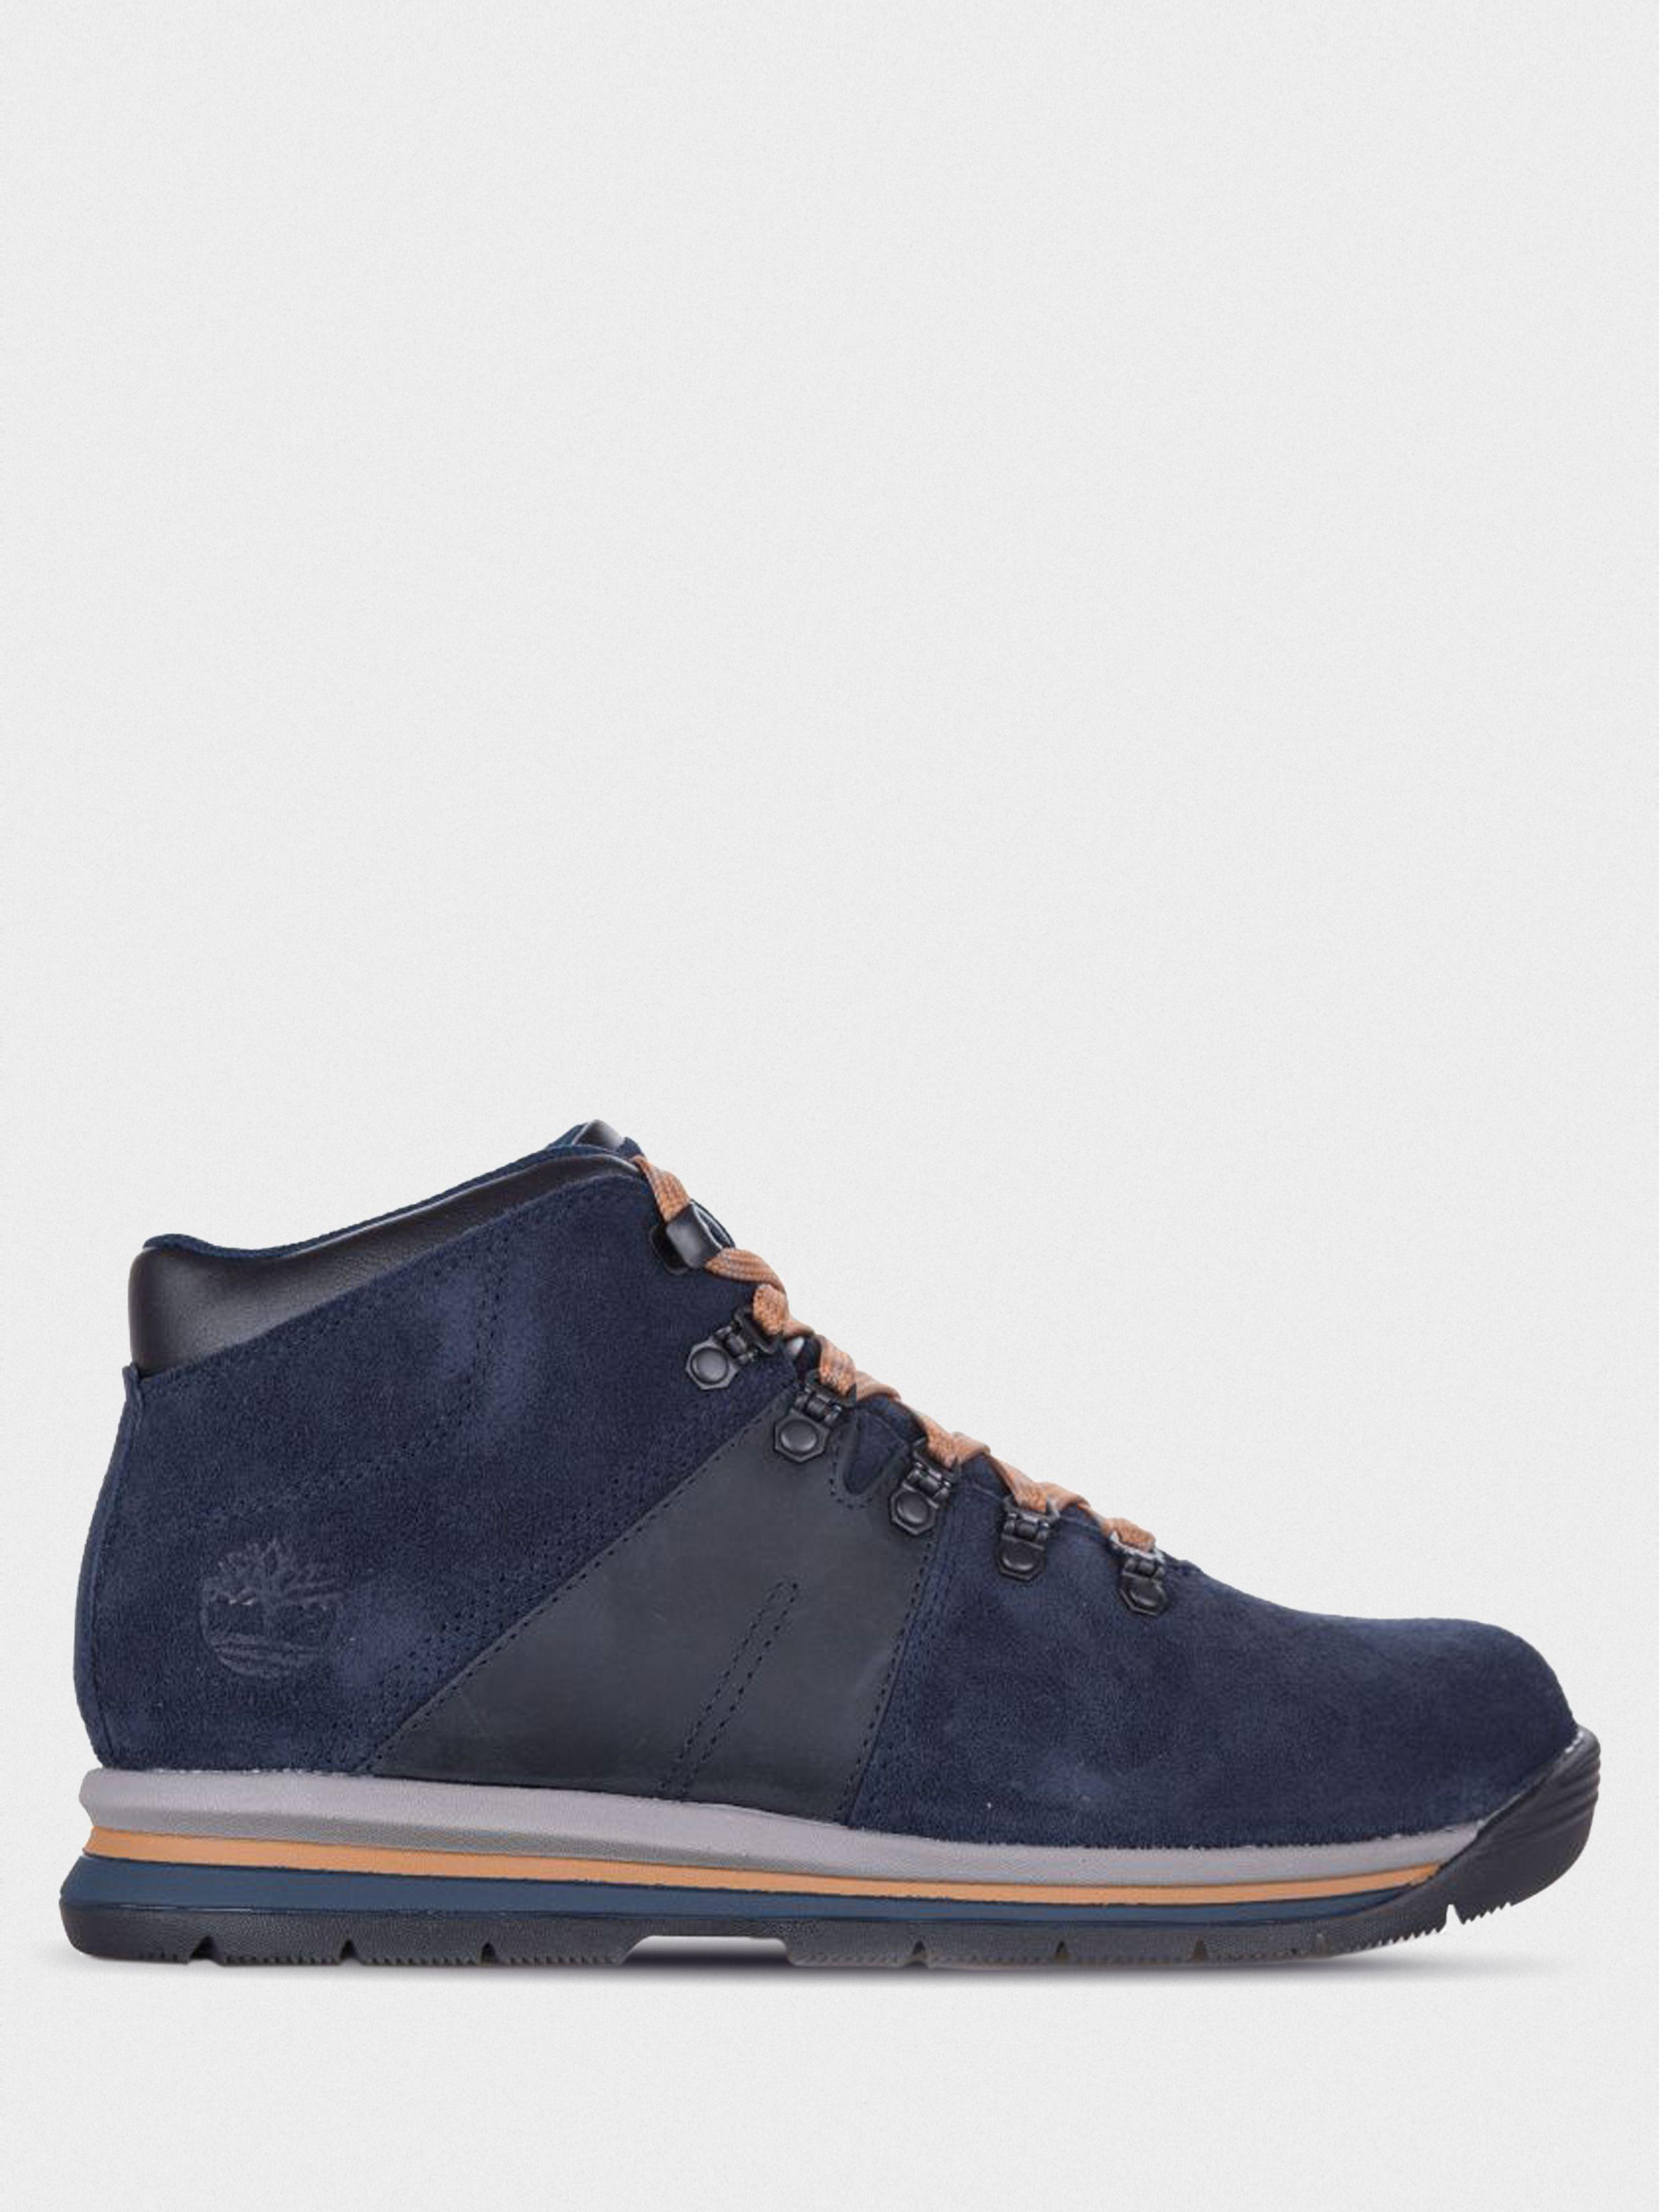 Ботинки мужские Timberland модель TF3845 - купить по лучшей цене в ... 4a6fbbe24312c